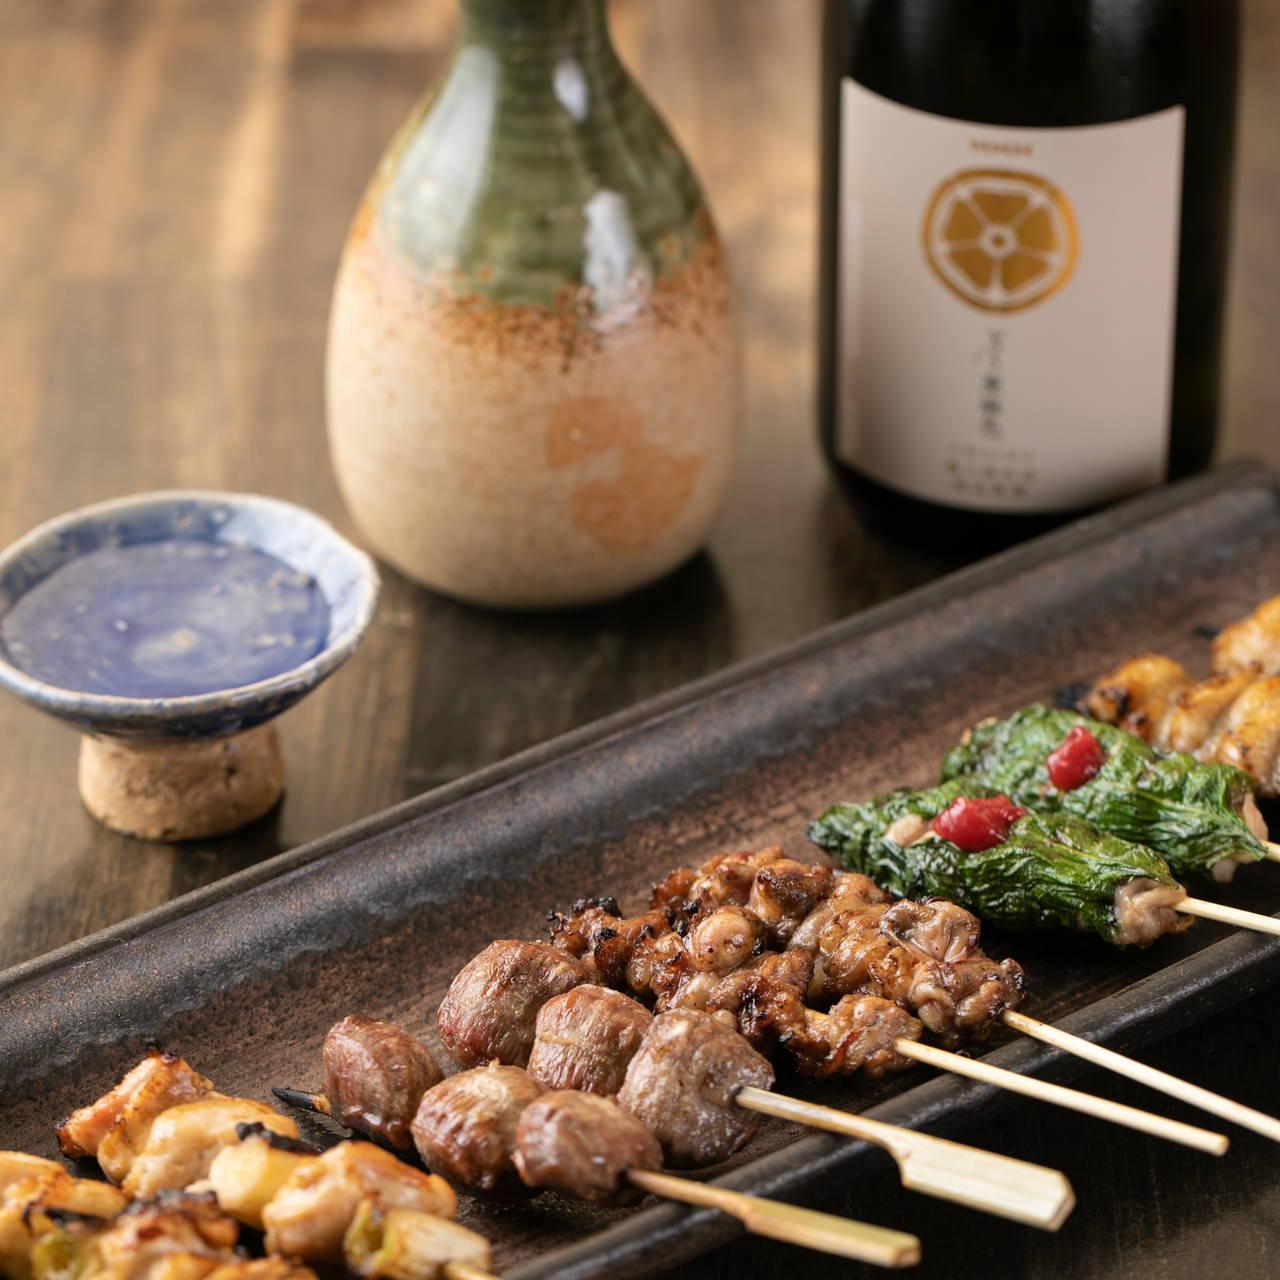 利酒師がおすすめしたい季節の日本酒